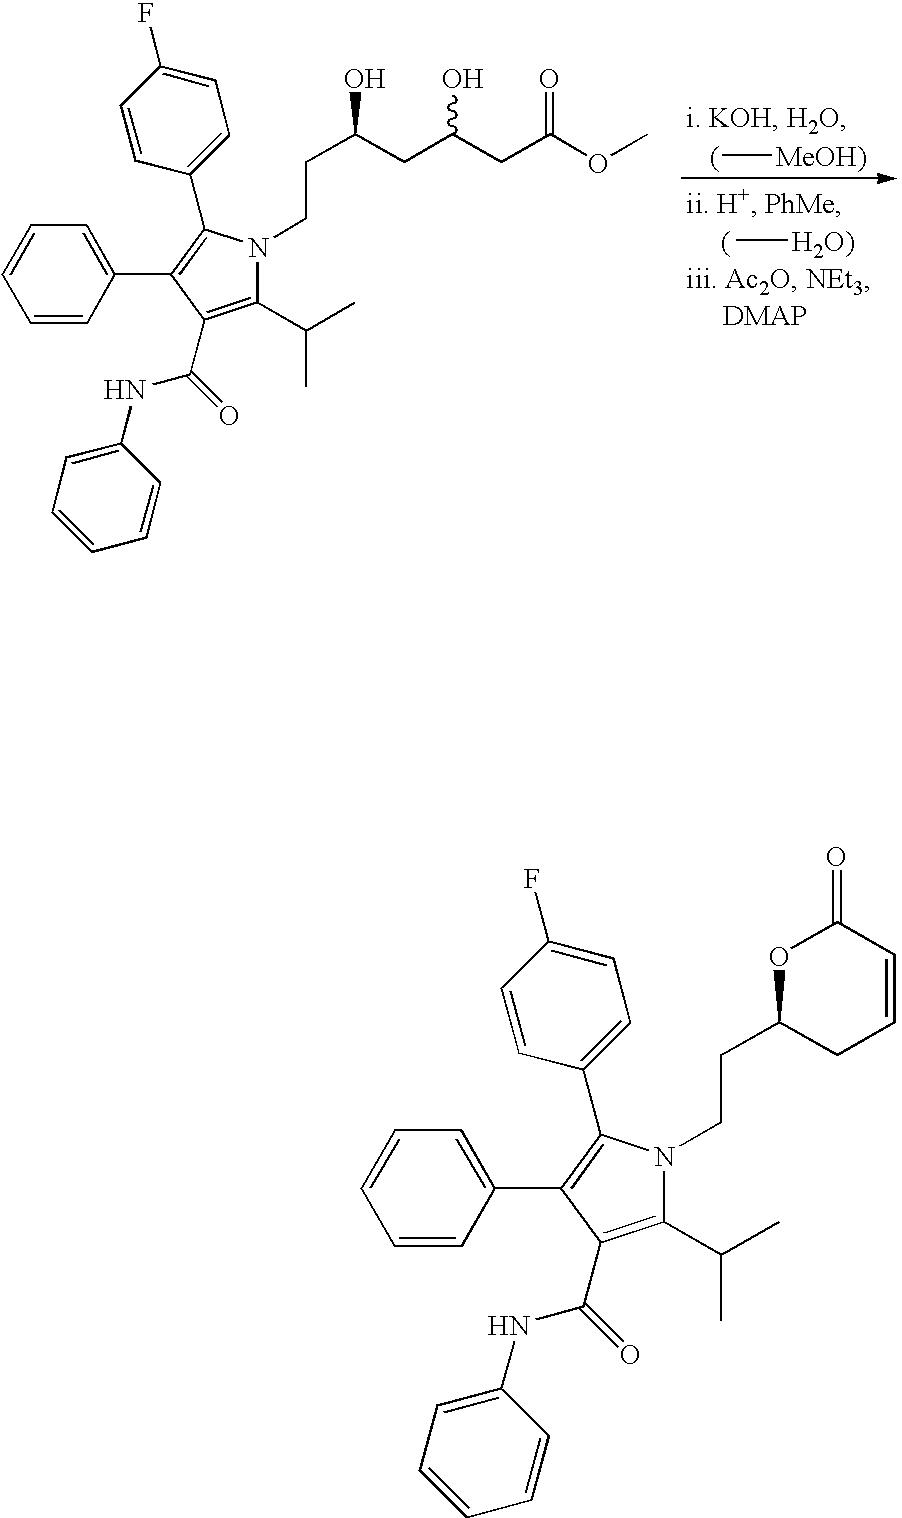 Figure US20070032662A1-20070208-C00060